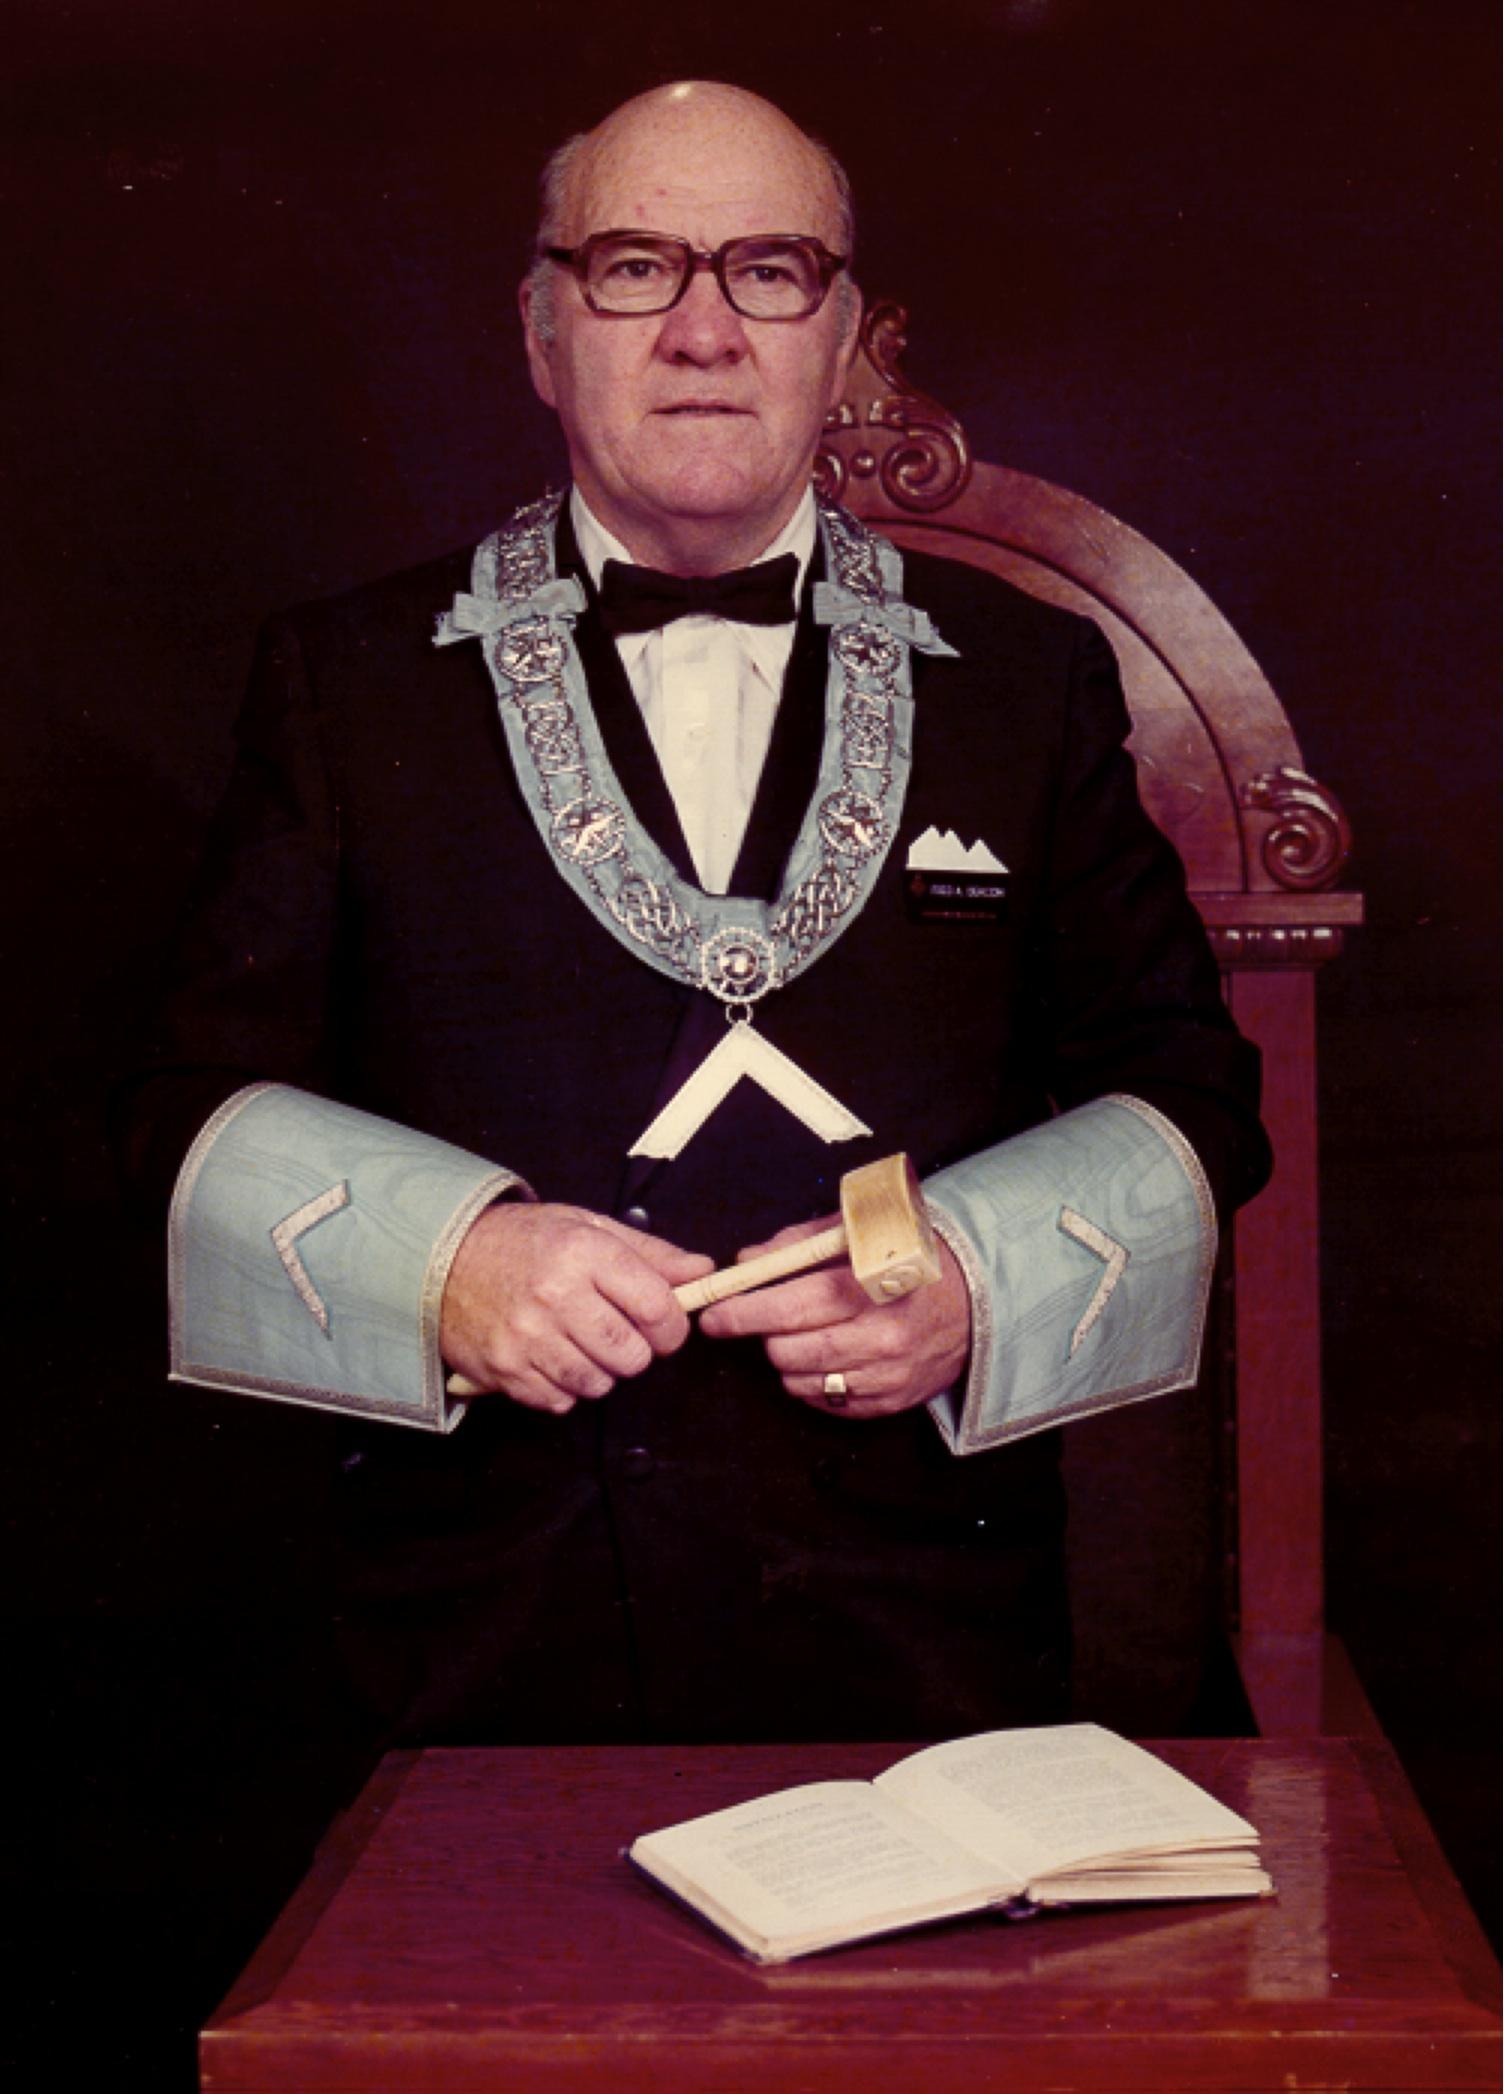 Fredrick A. Deacon 1990 - 91